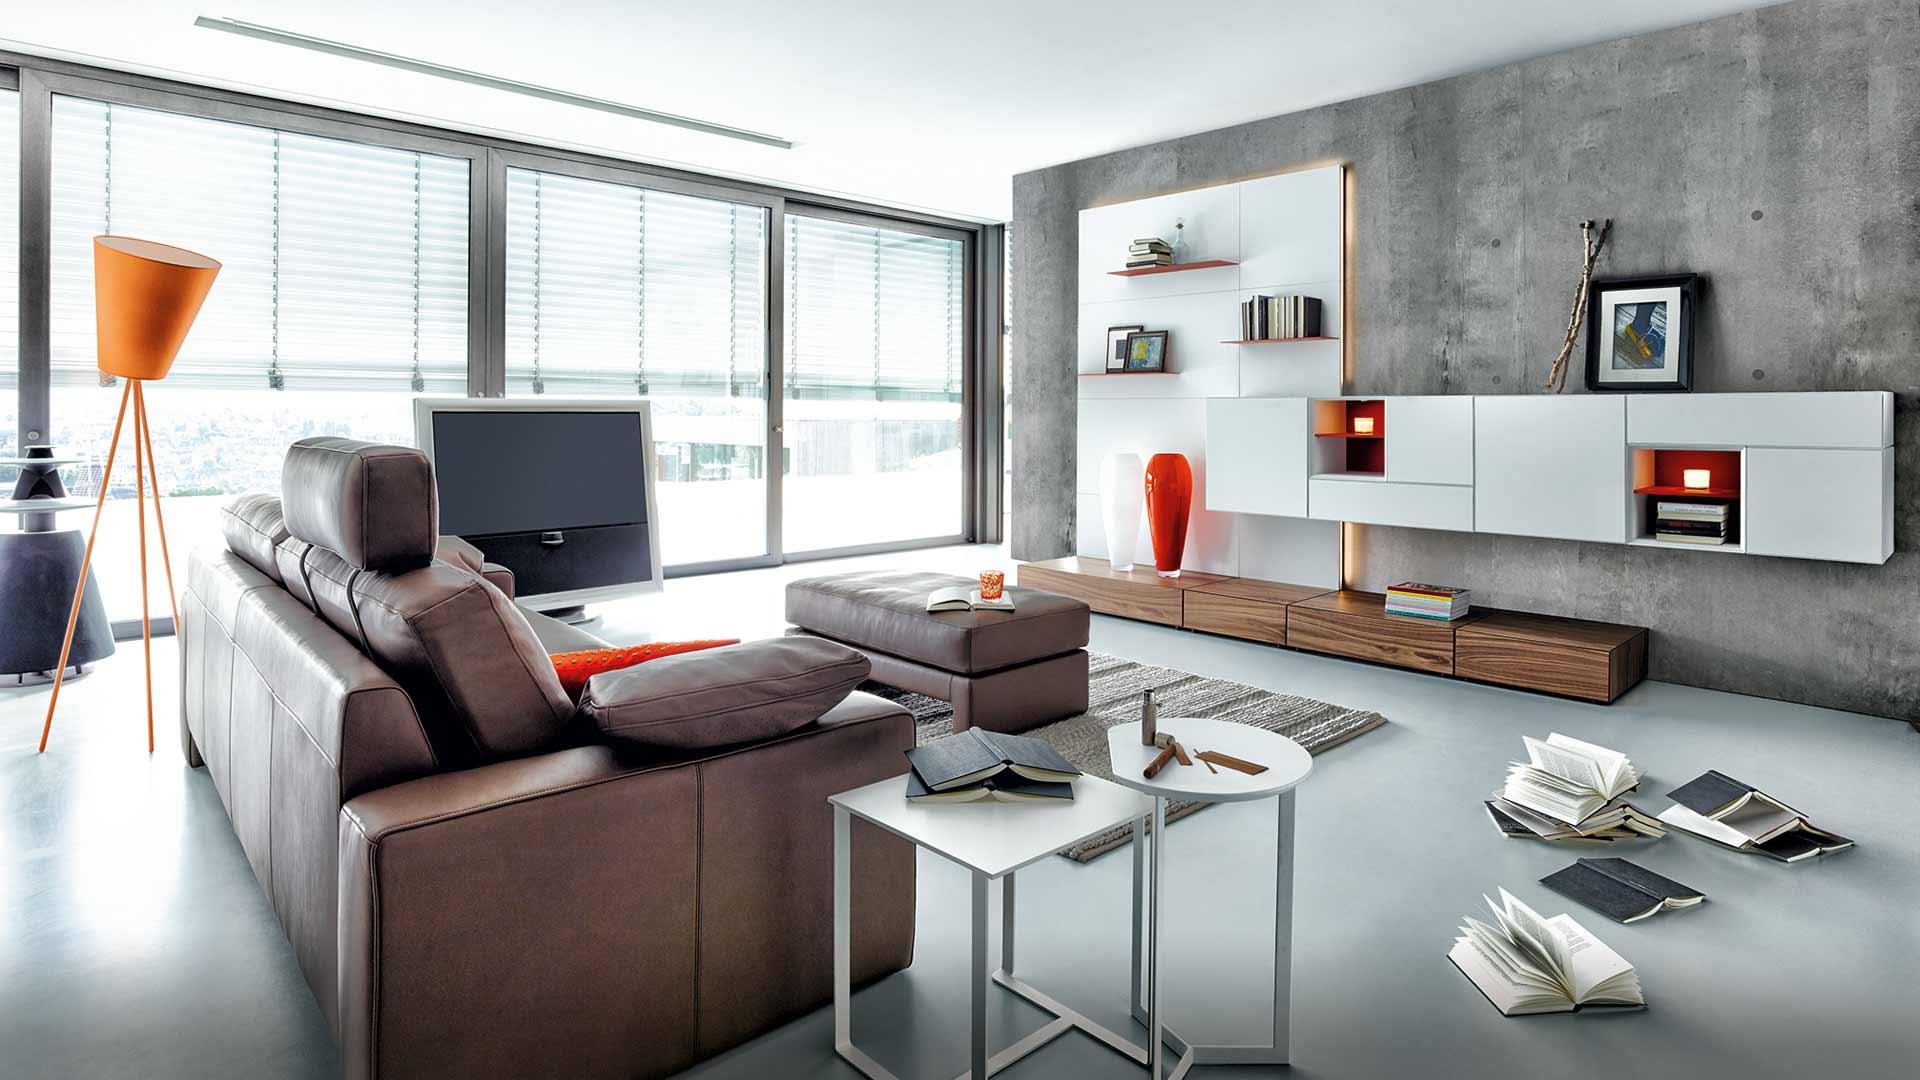 contur 5600 von contur einrichtungen in garbsen nahe hannover m bel hesse bestechende vielfalt. Black Bedroom Furniture Sets. Home Design Ideas